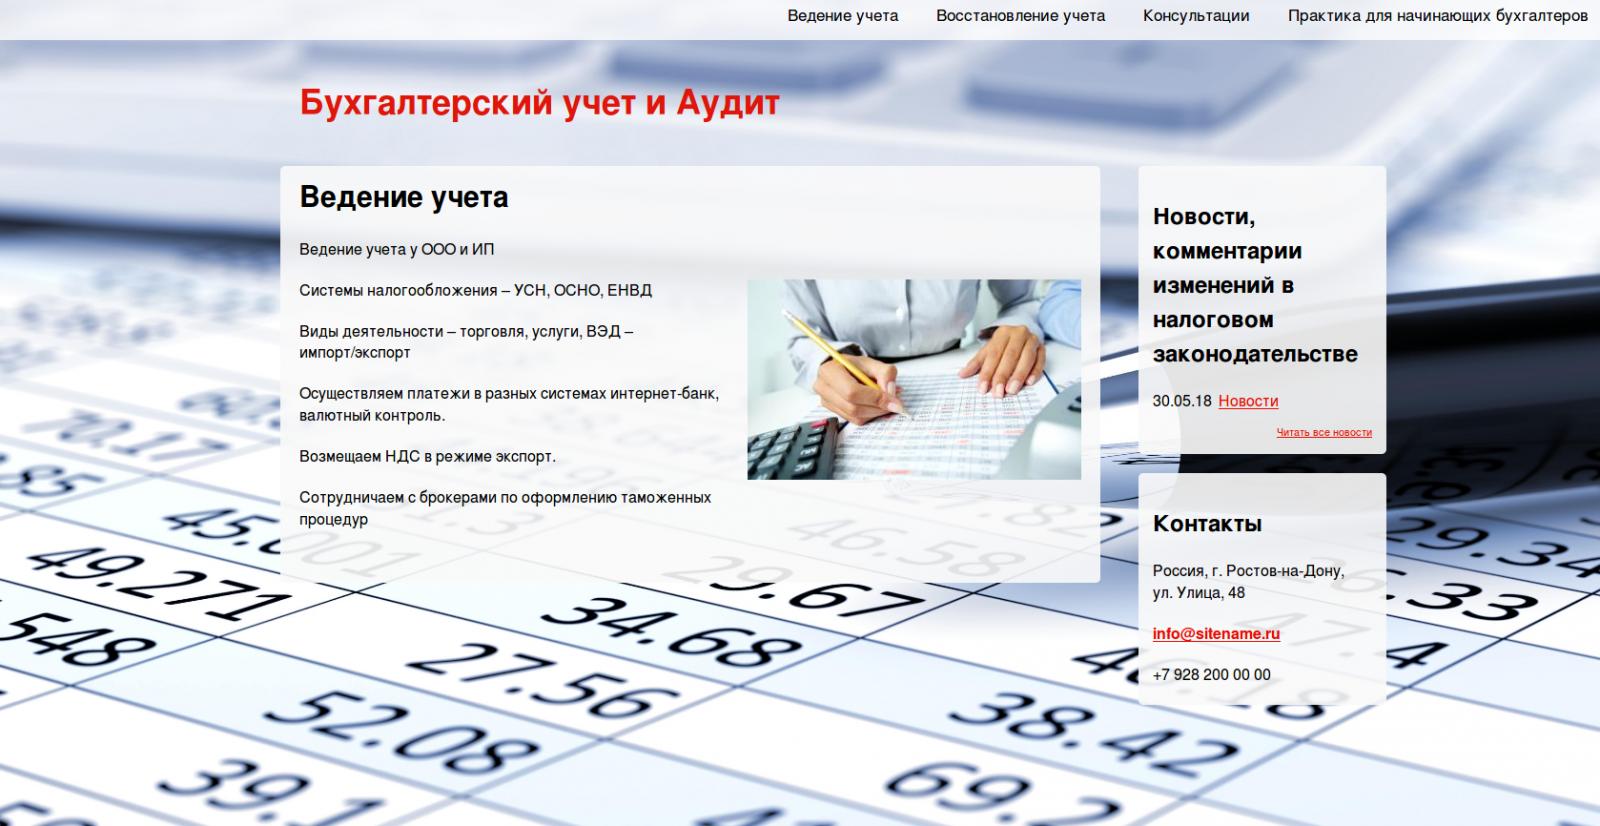 Сайт для бухгалтеров бюджетных организаций украины акт закупа у физического лица налогообложение